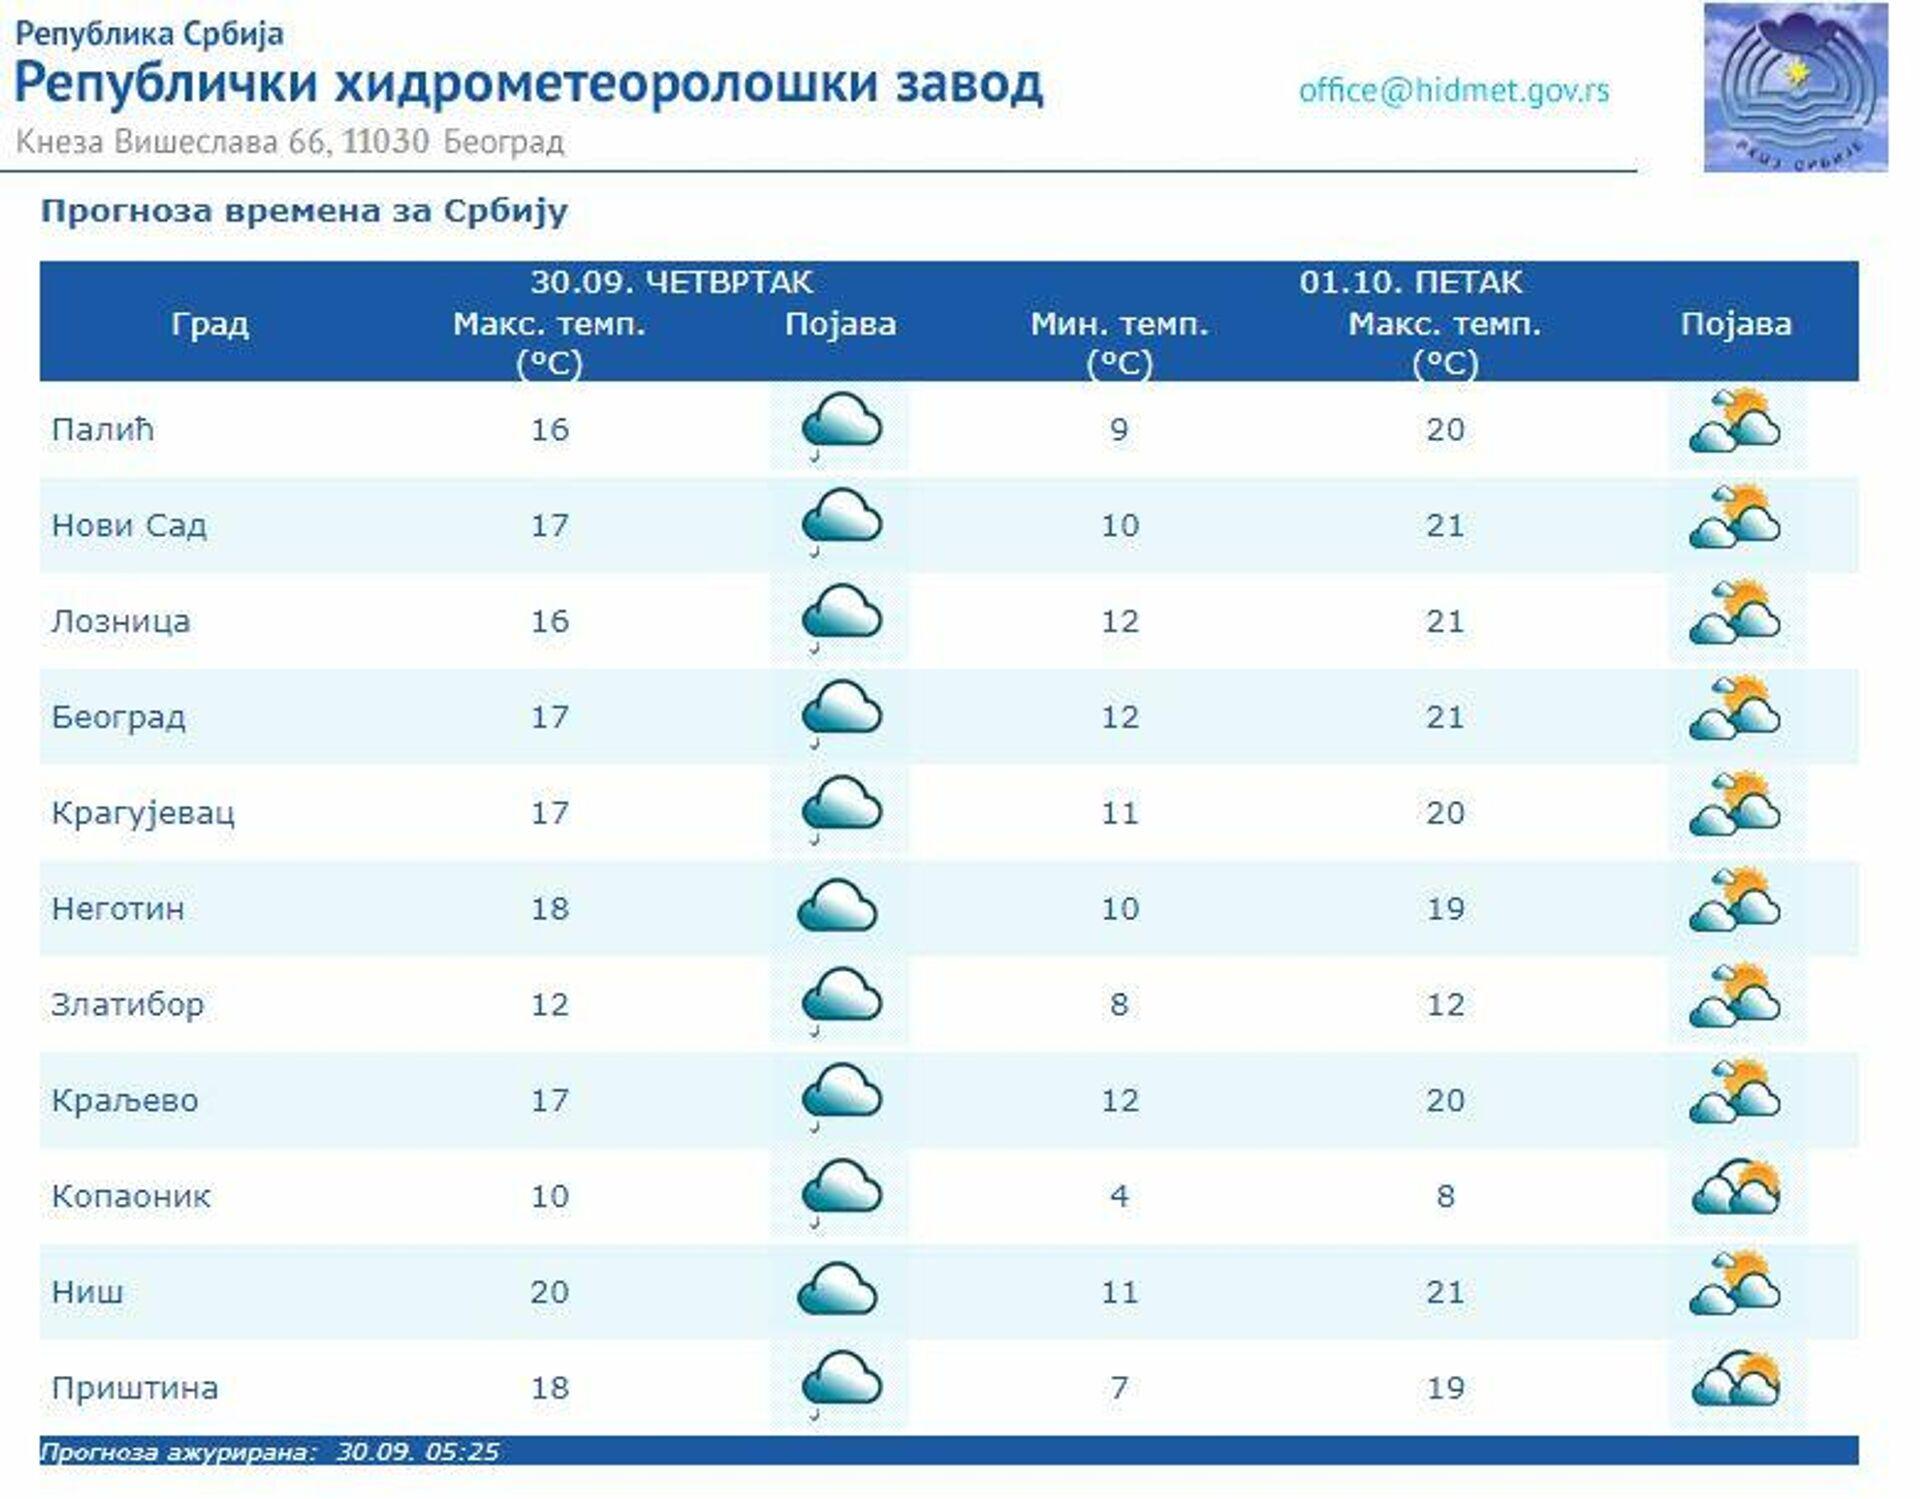 Временска прогноза за 30. септембар 2021. - Sputnik Србија, 1920, 30.09.2021